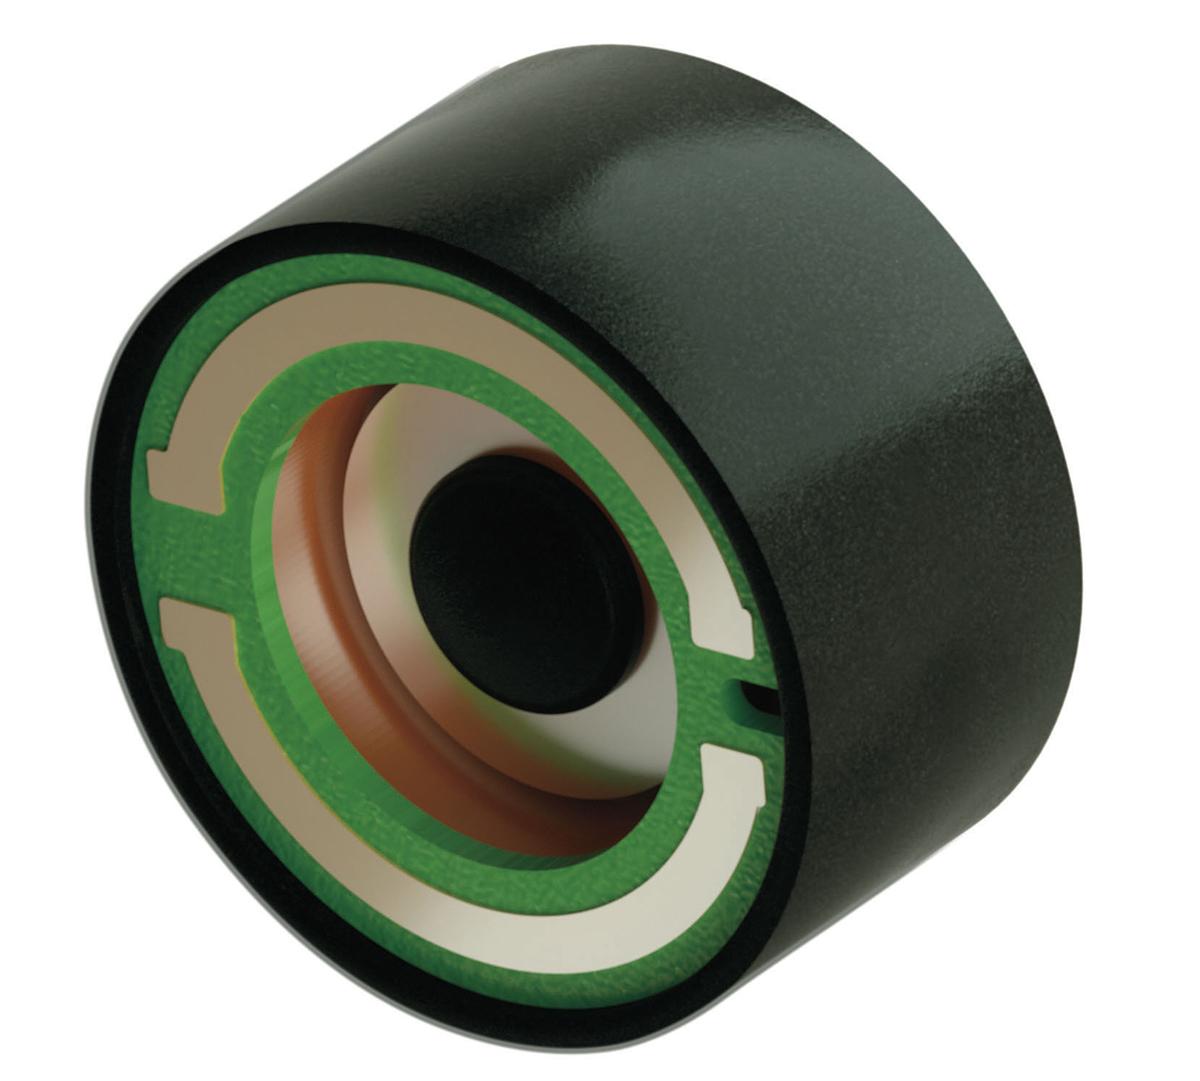 振動を発生させるための磁気を正確にコントロールするために開発された、円柱状の振動デバイス|docodemoスピーカー